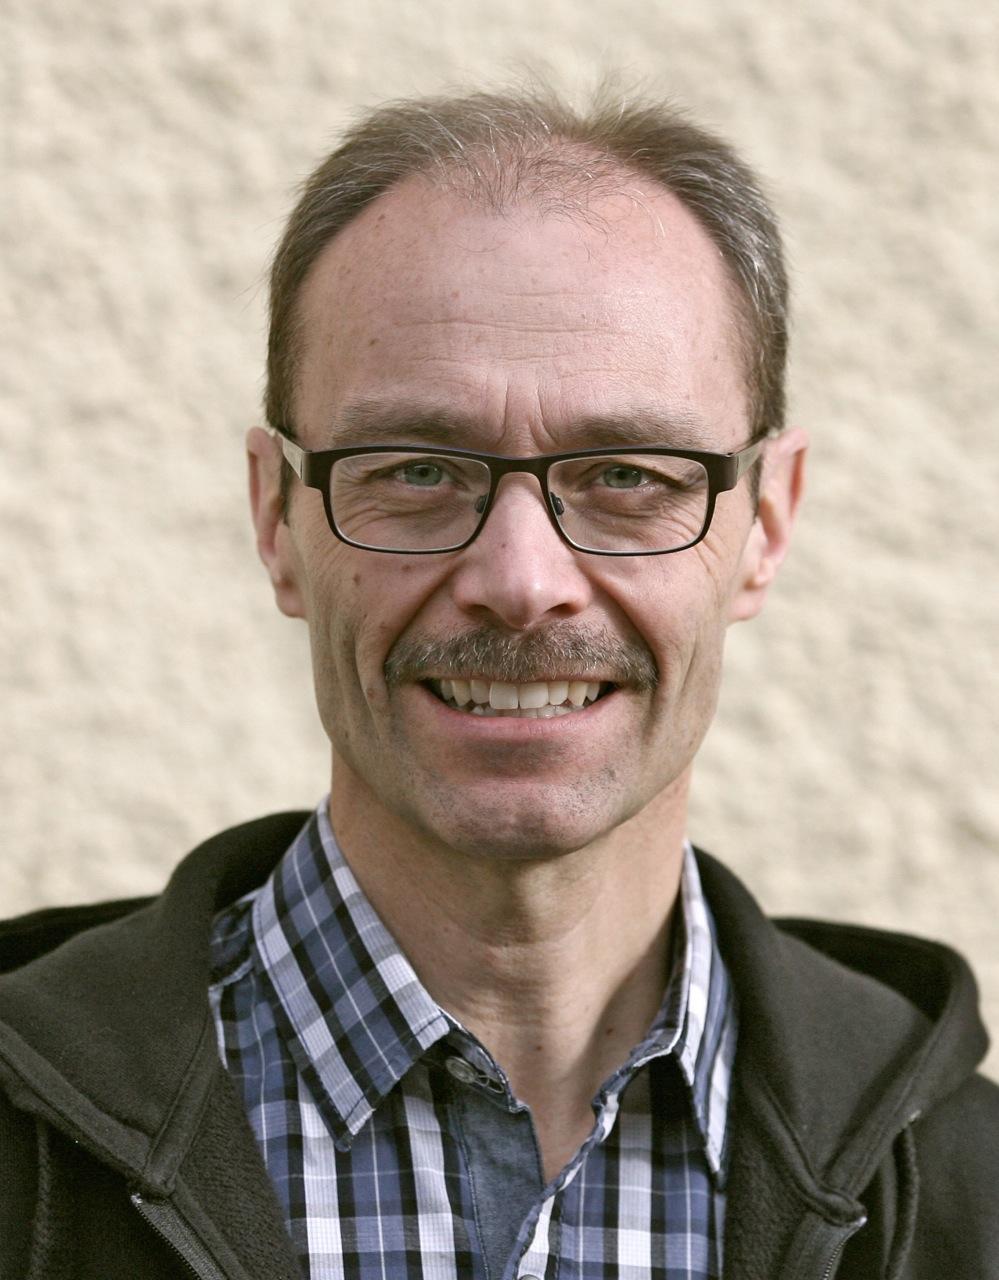 Peter Merkt